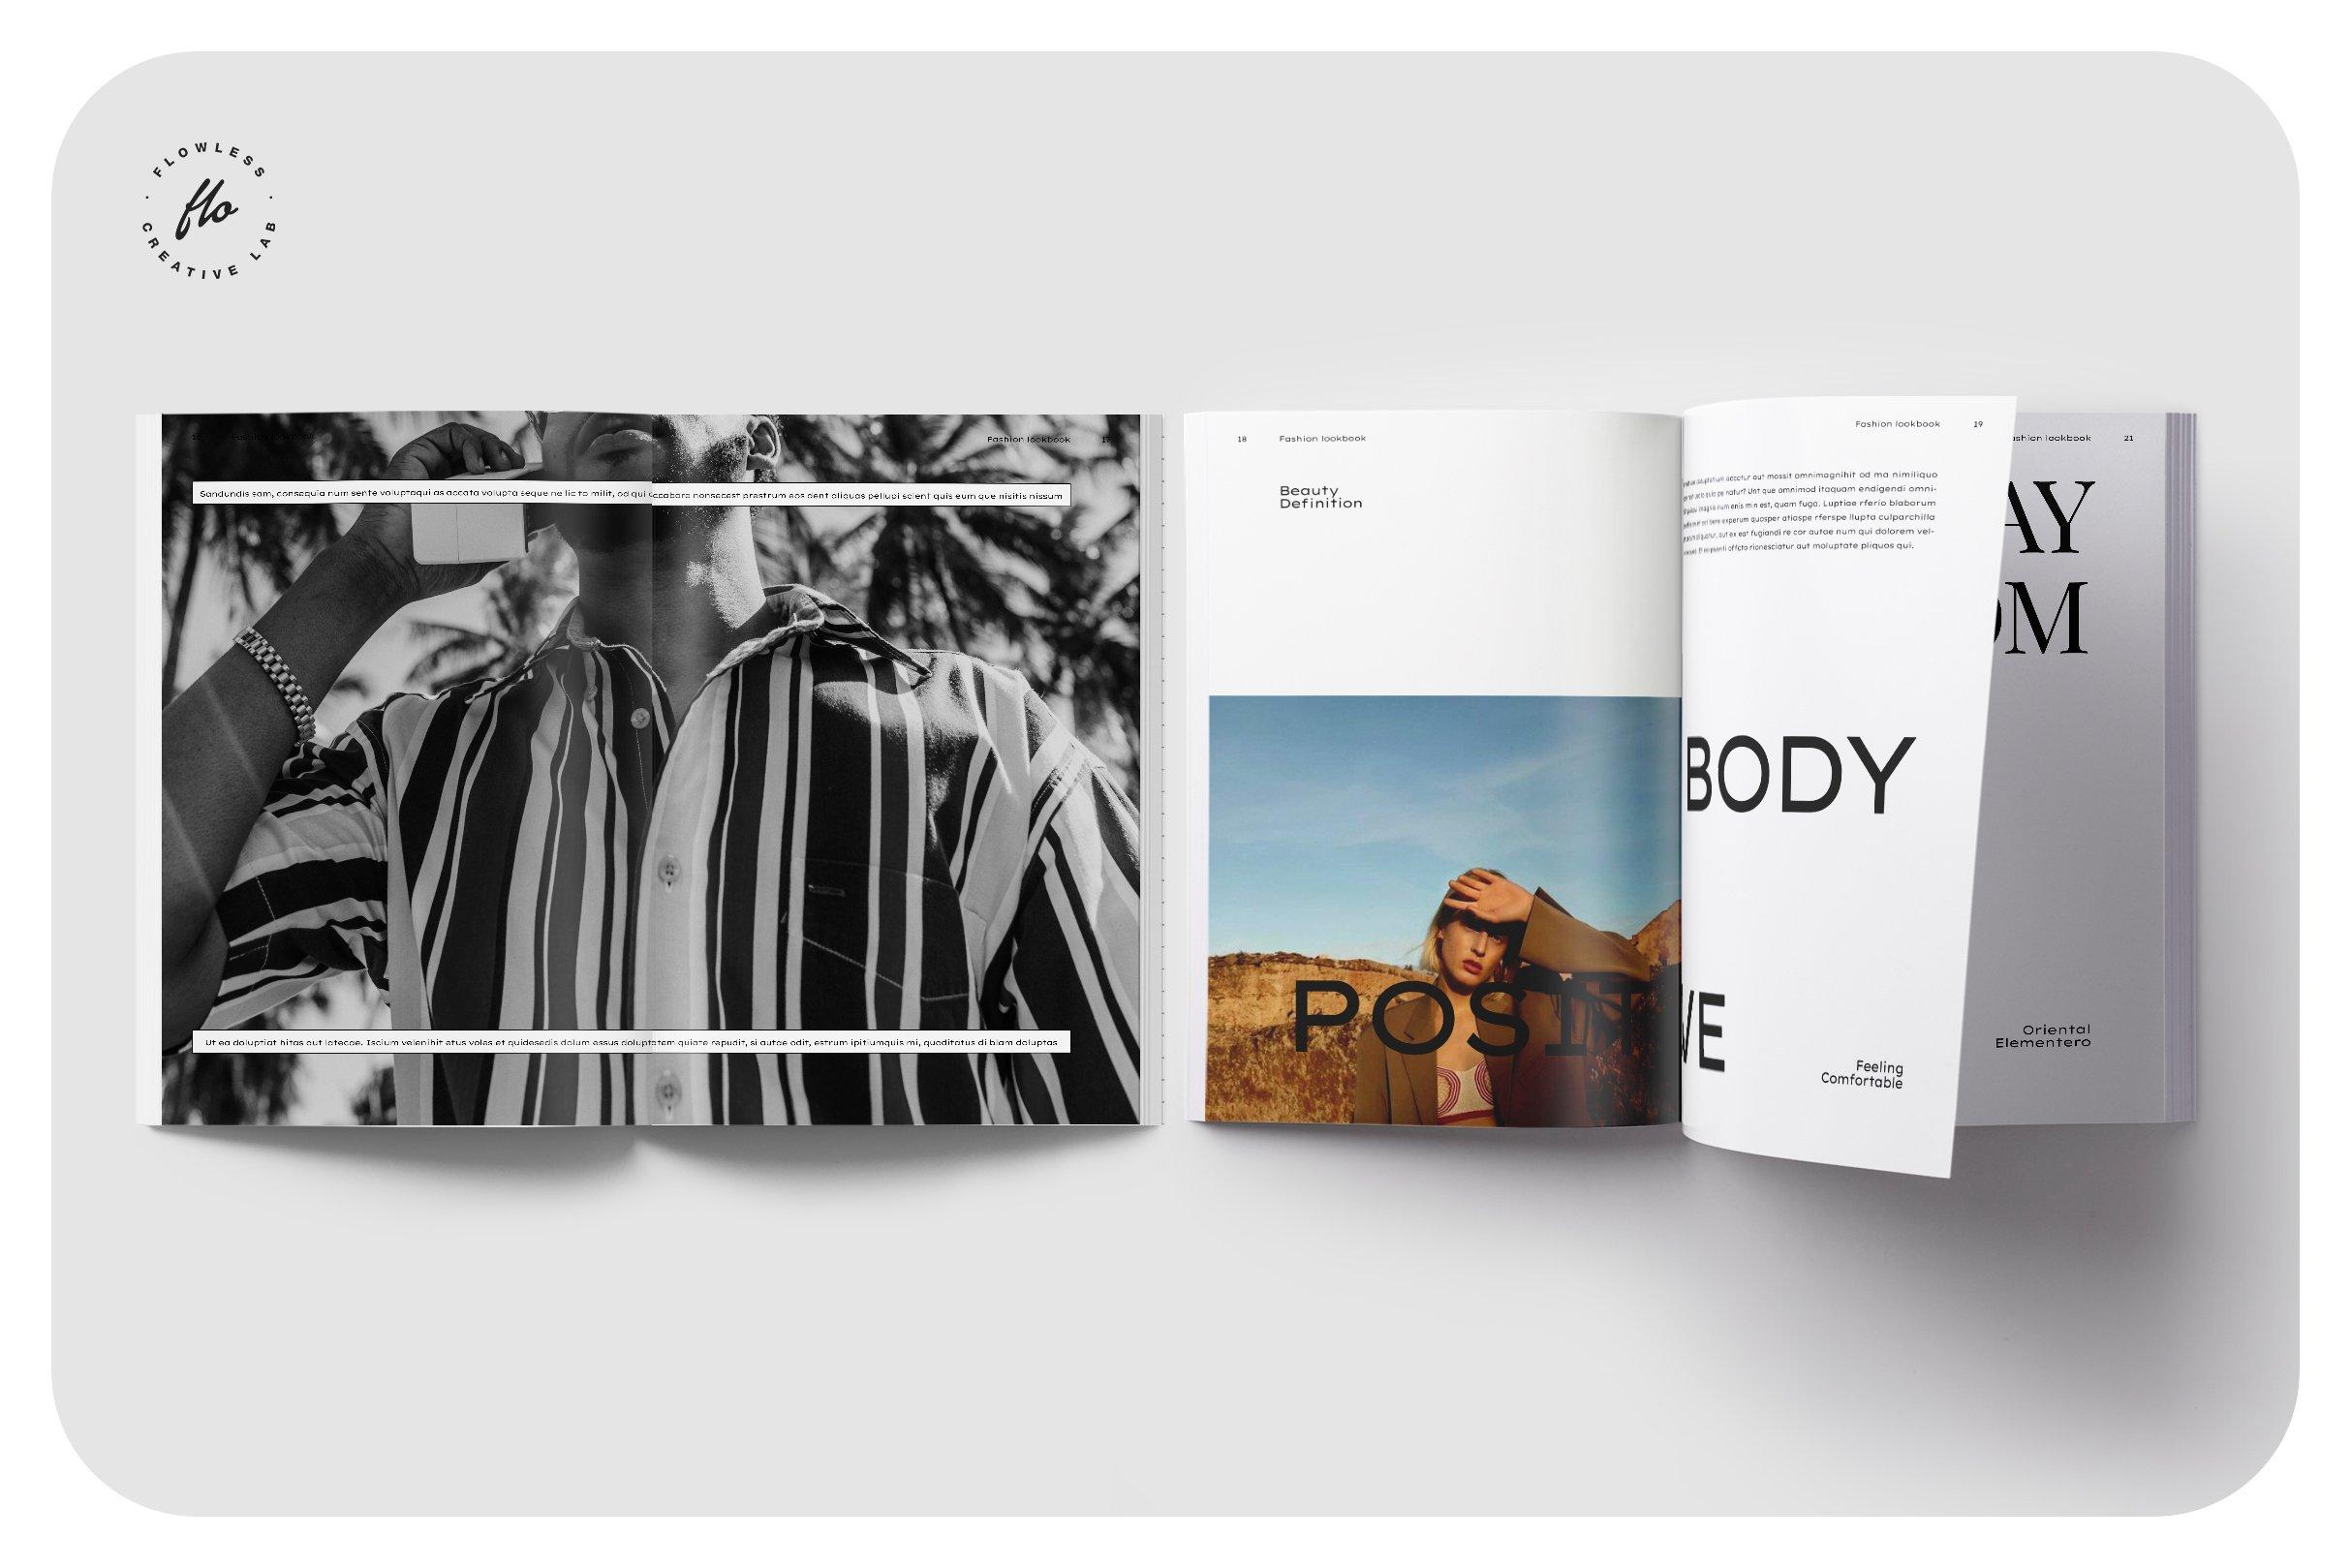 极简服装造型设计INDD画册模板 SOFT TOUCH Fashion Lookbook插图(3)